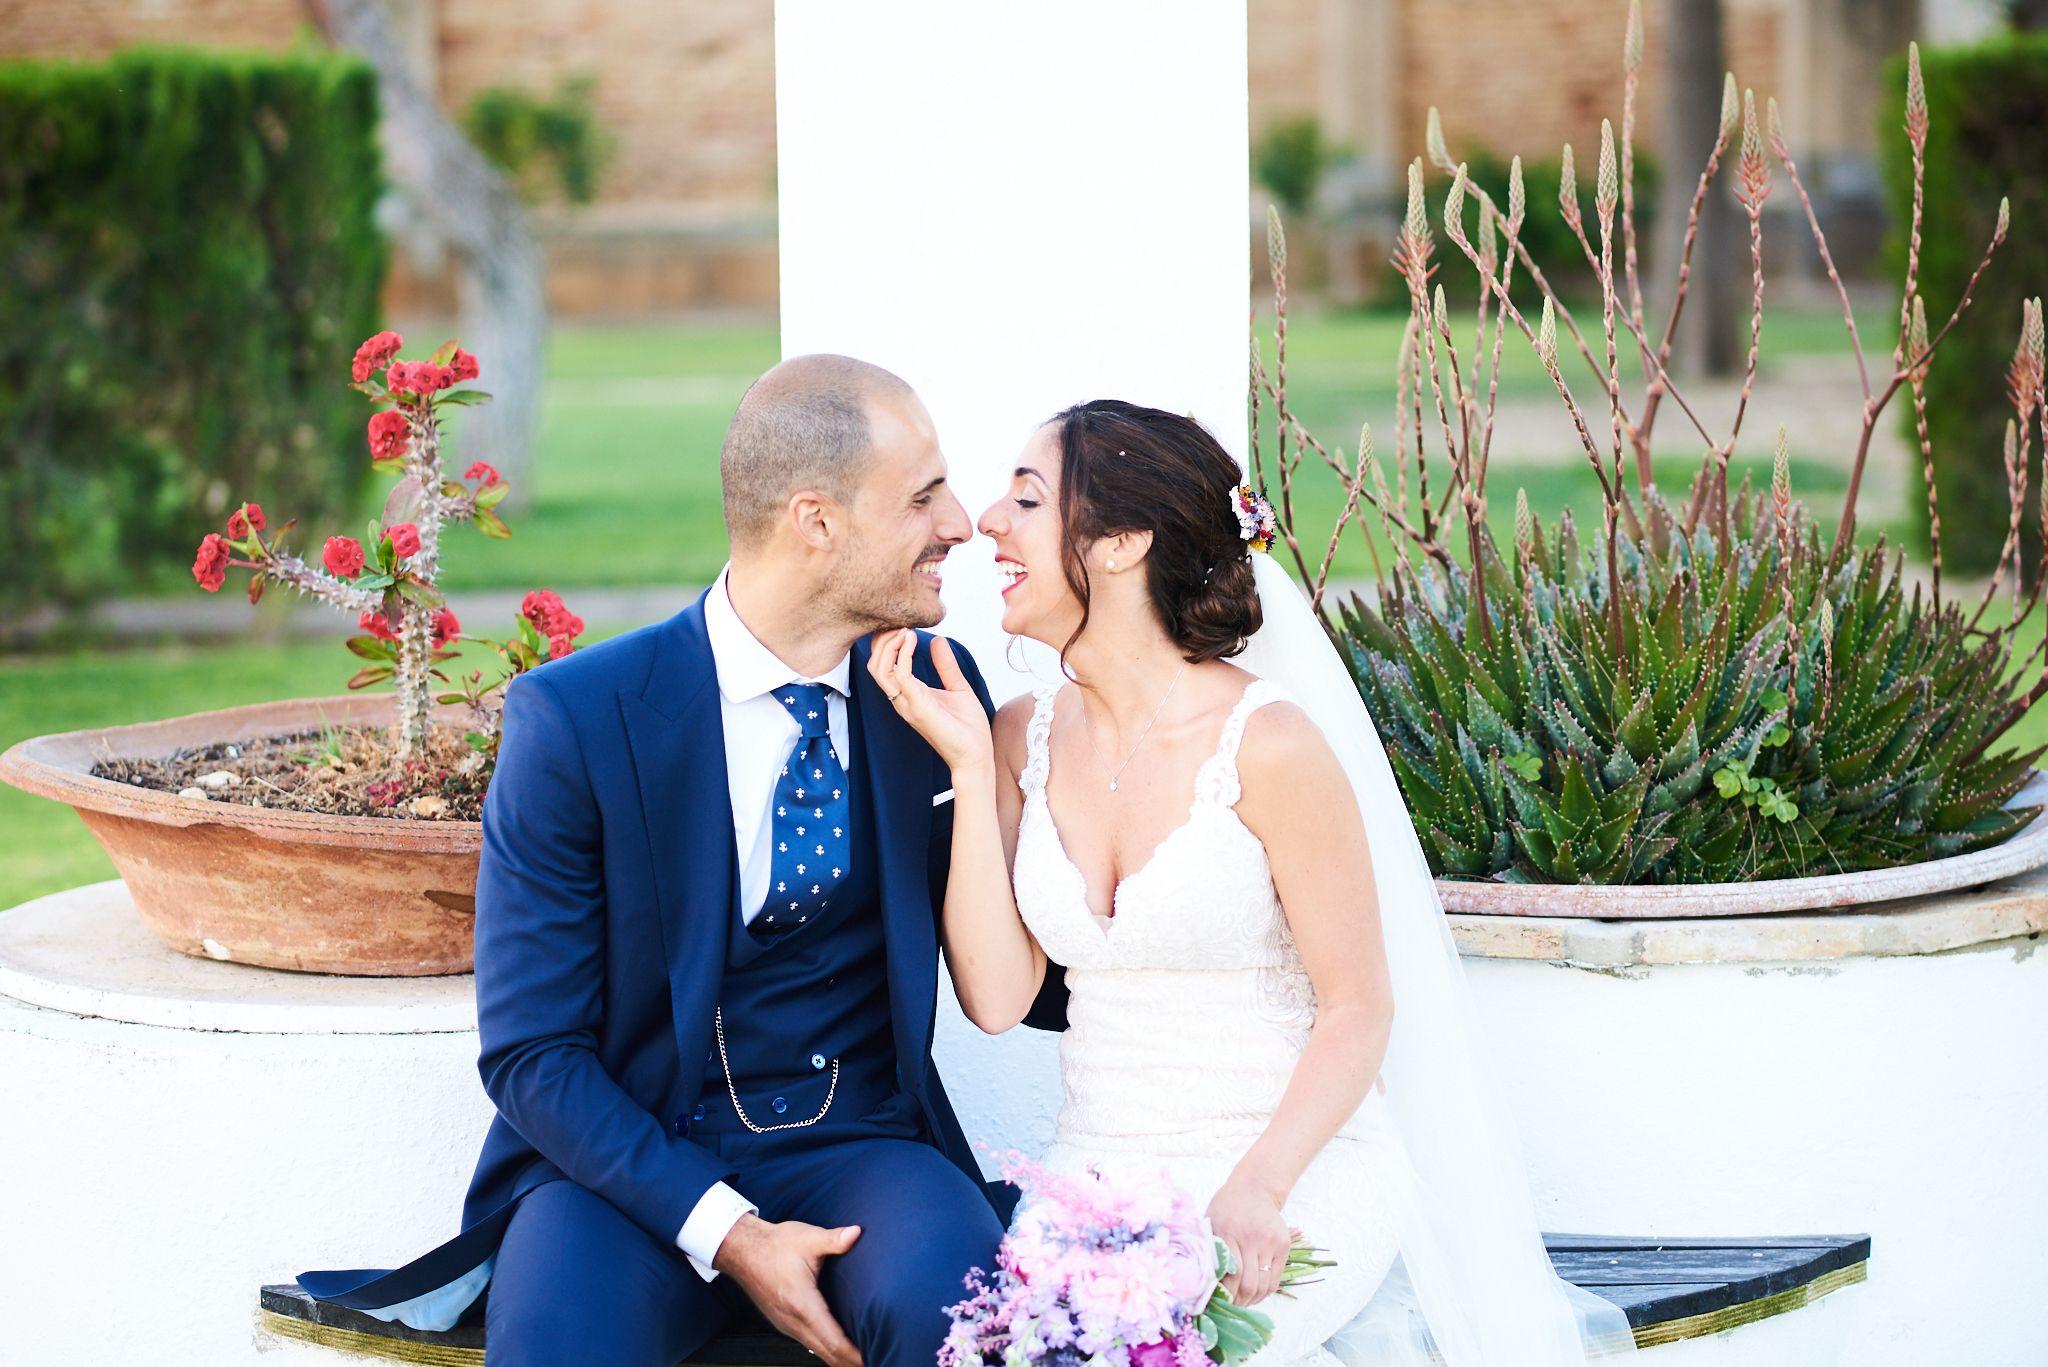 La-22Destination-Wedding22-en-Moguer-de-Lauren-y-JosC3A9-Antonio-JoseAntonio-alejandromarmol2251.jpg